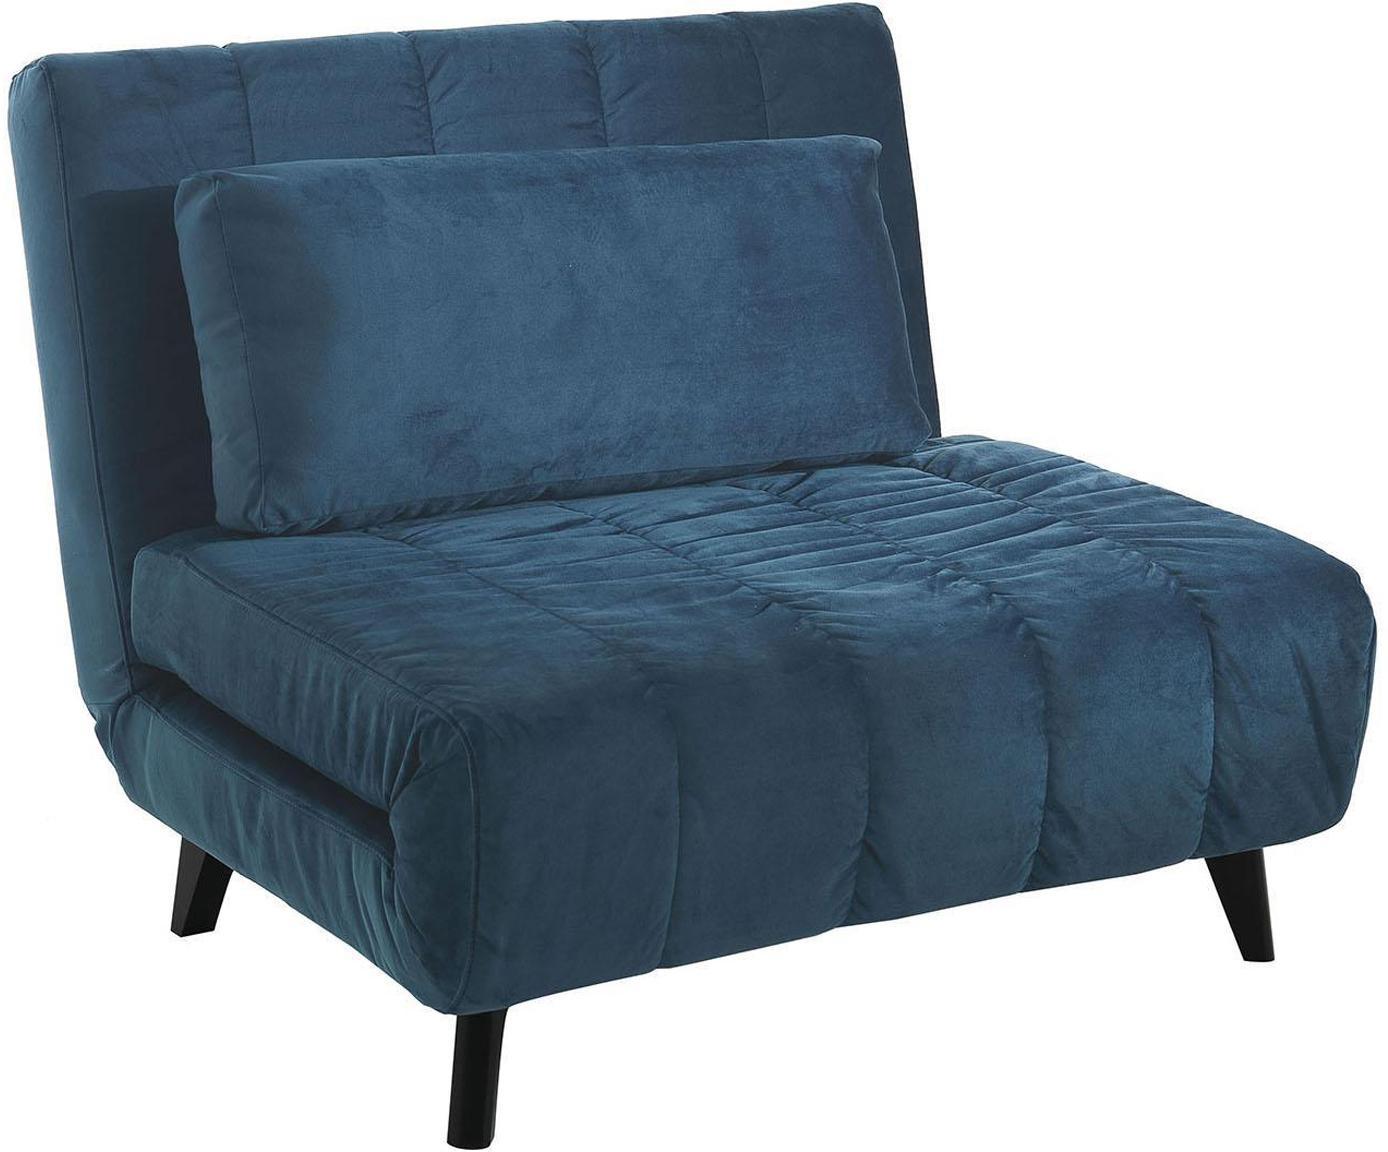 Sillón cama Laguna, Tapizado: terciopelo de microfibra, Patas: madera maciza, Azul, negro, An 100 x F 85 cm